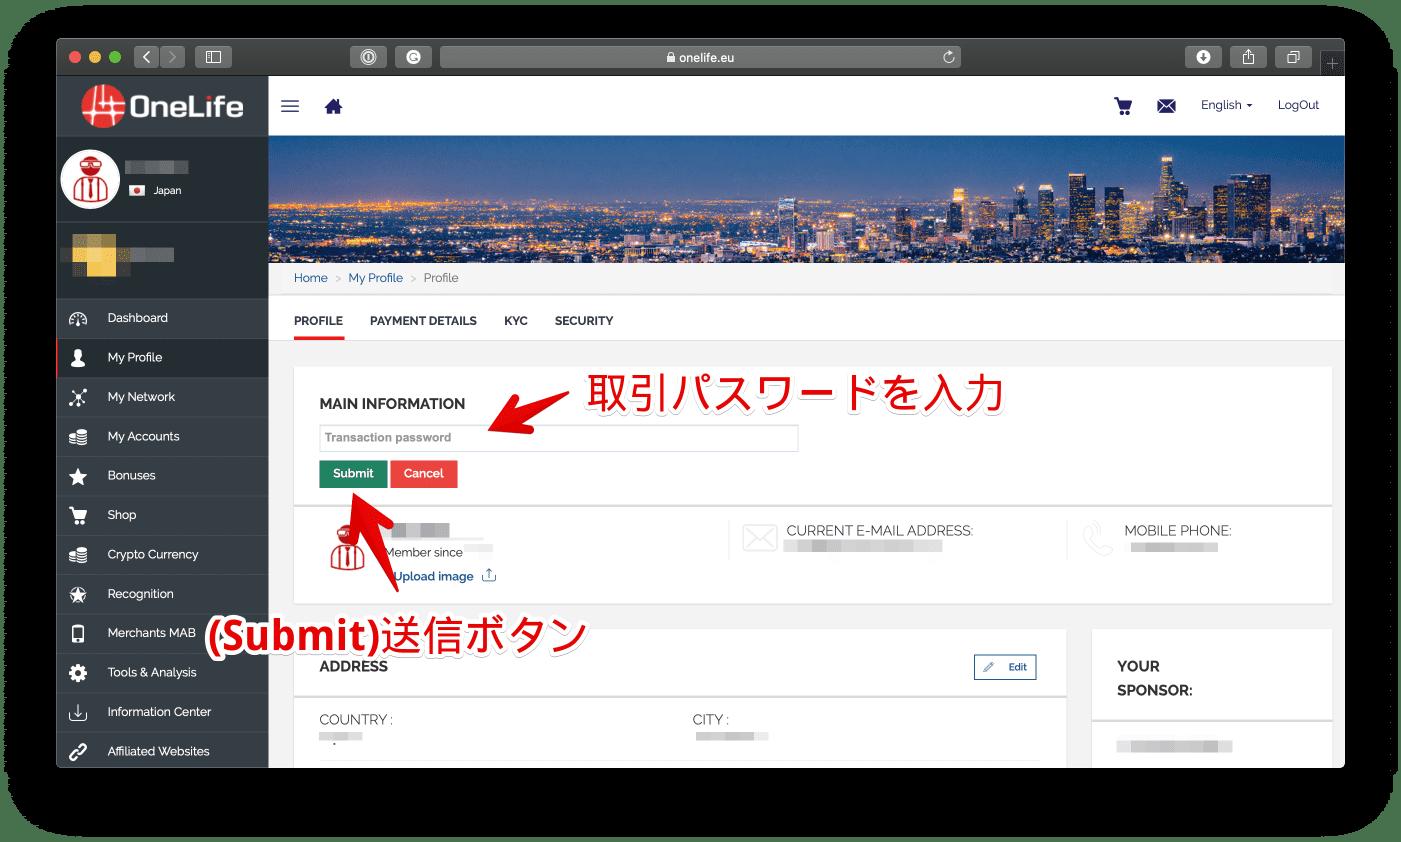 取引パスワードを入力したら緑色の「Submit」ボタンにクリックします。